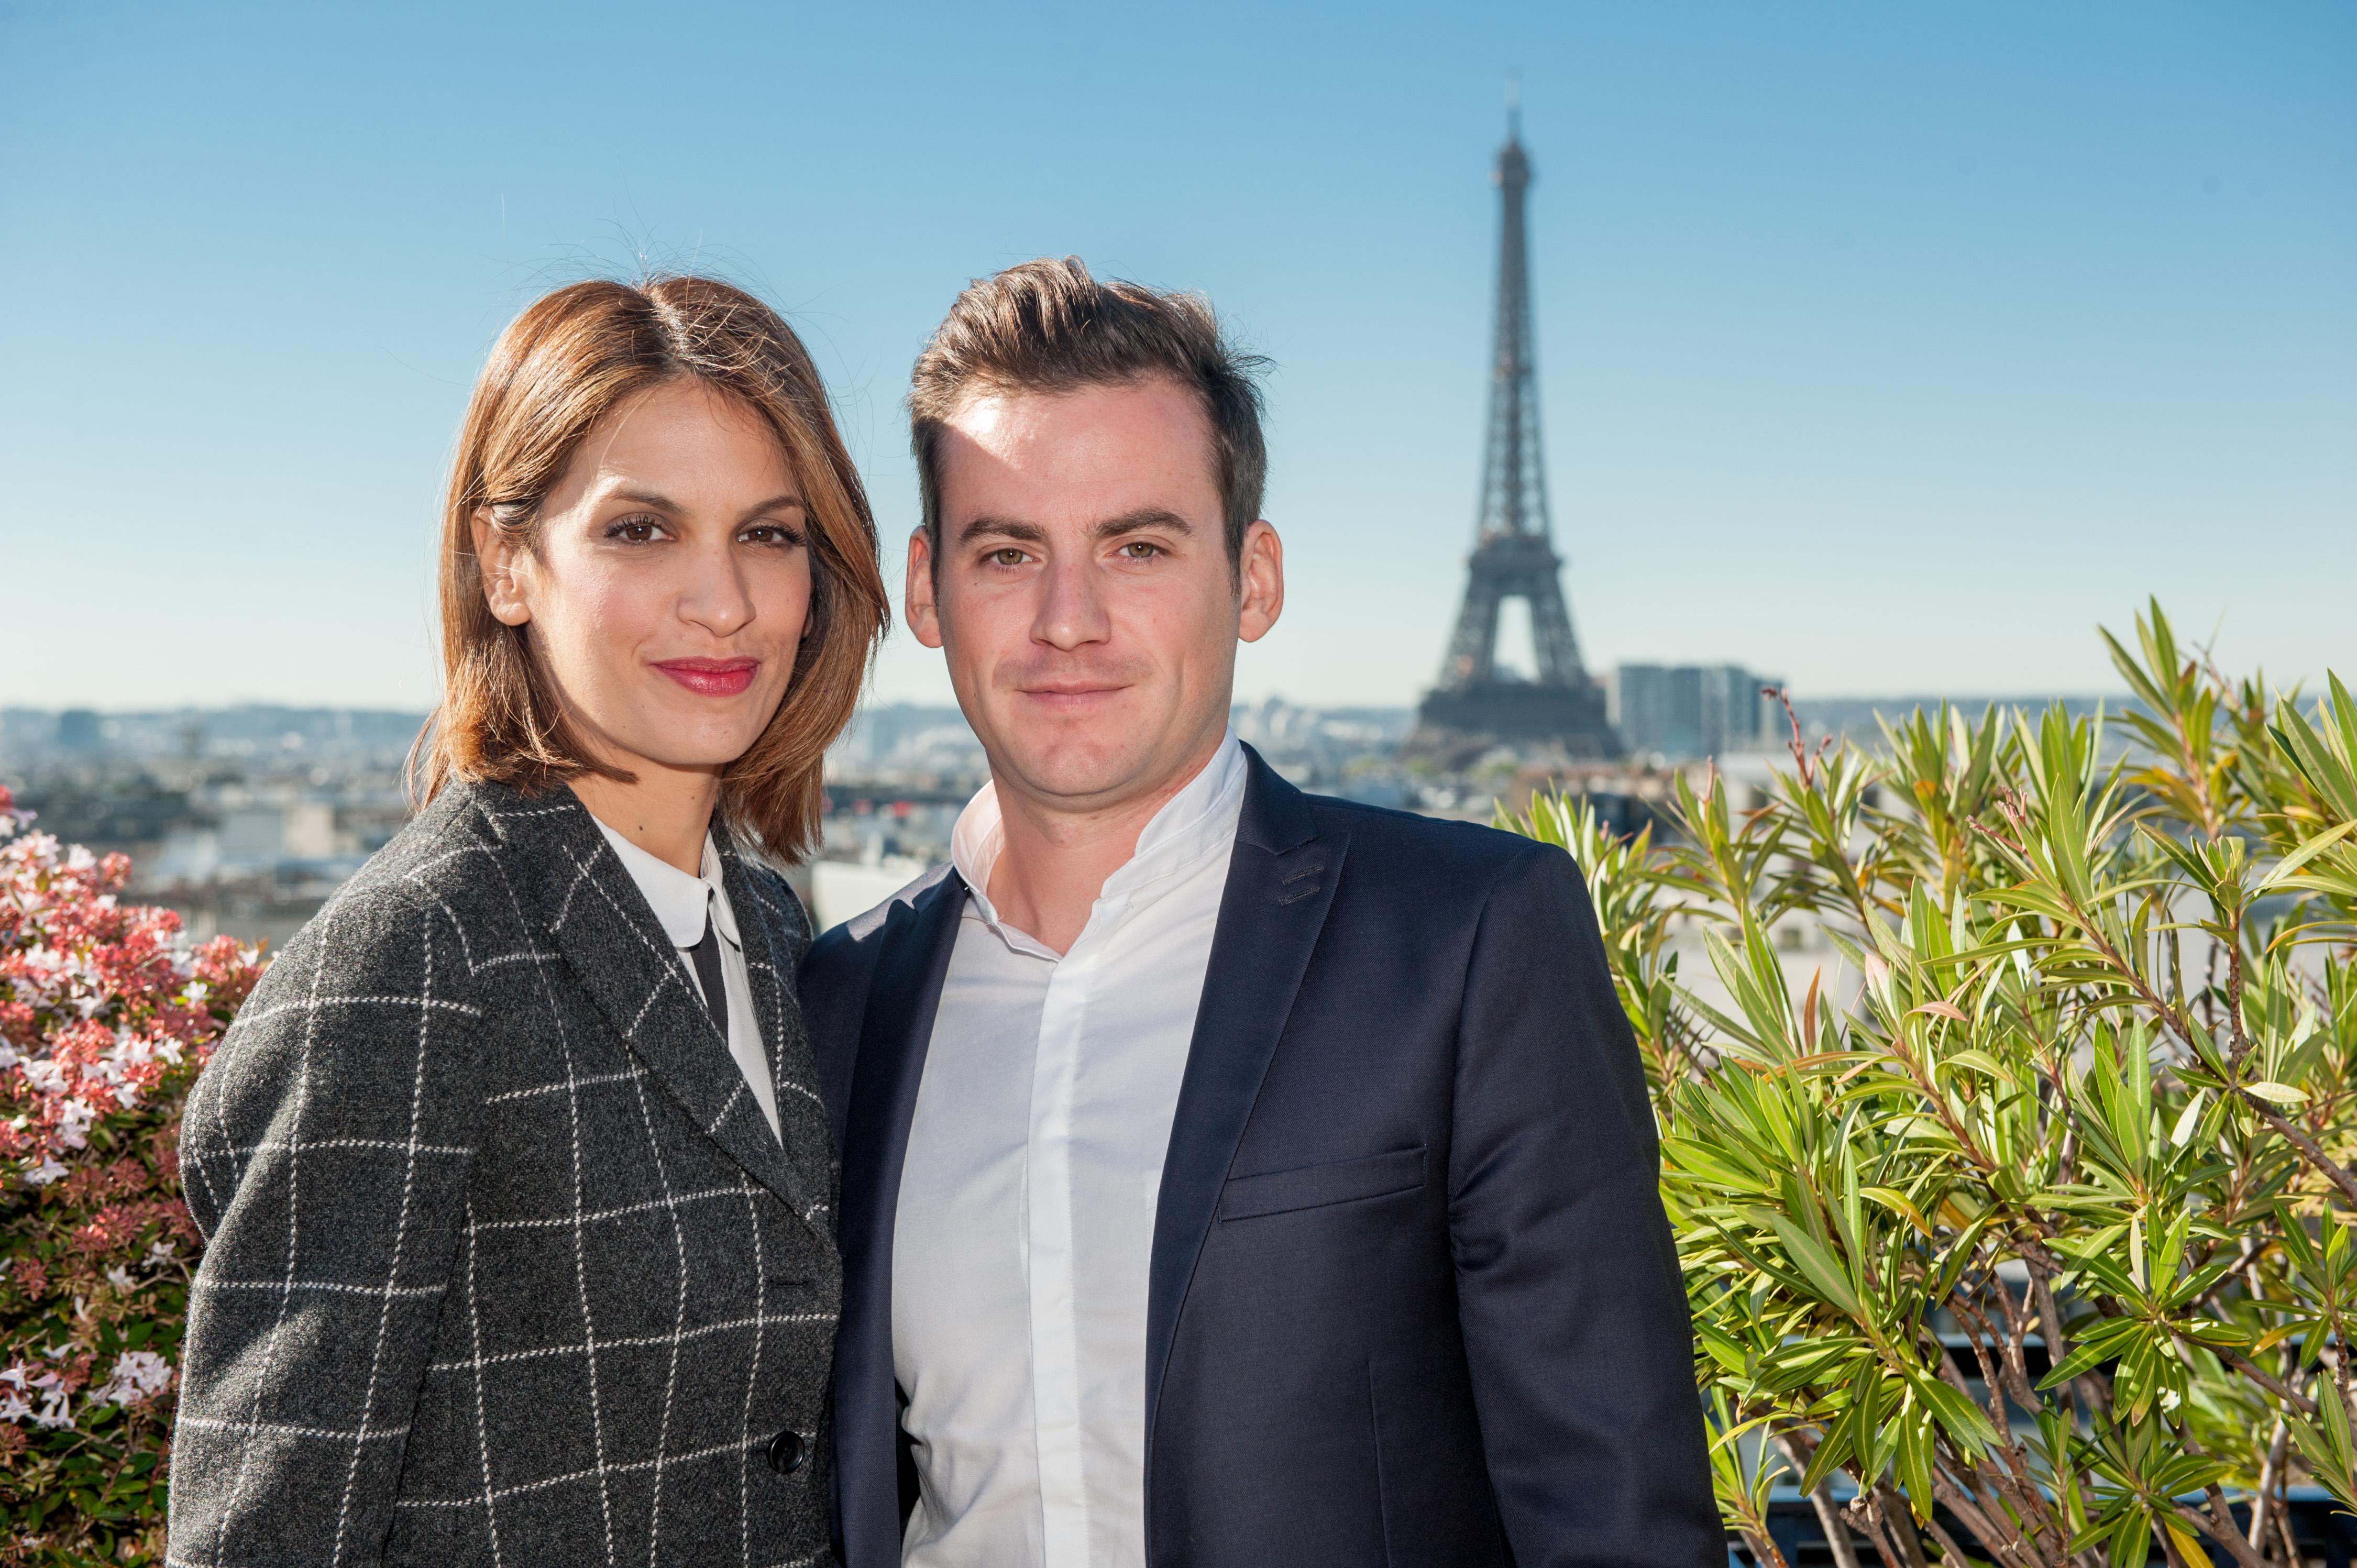 """A noter également, la nouvelle émission """"On va plus loin"""" présentée, en direct du lundi au jeudi à 22h, par Sonia Mabrouk (ici avec Paul Bouffard) qui officie également sur Europe 1, chaque samedi de 12h45 à 14h"""